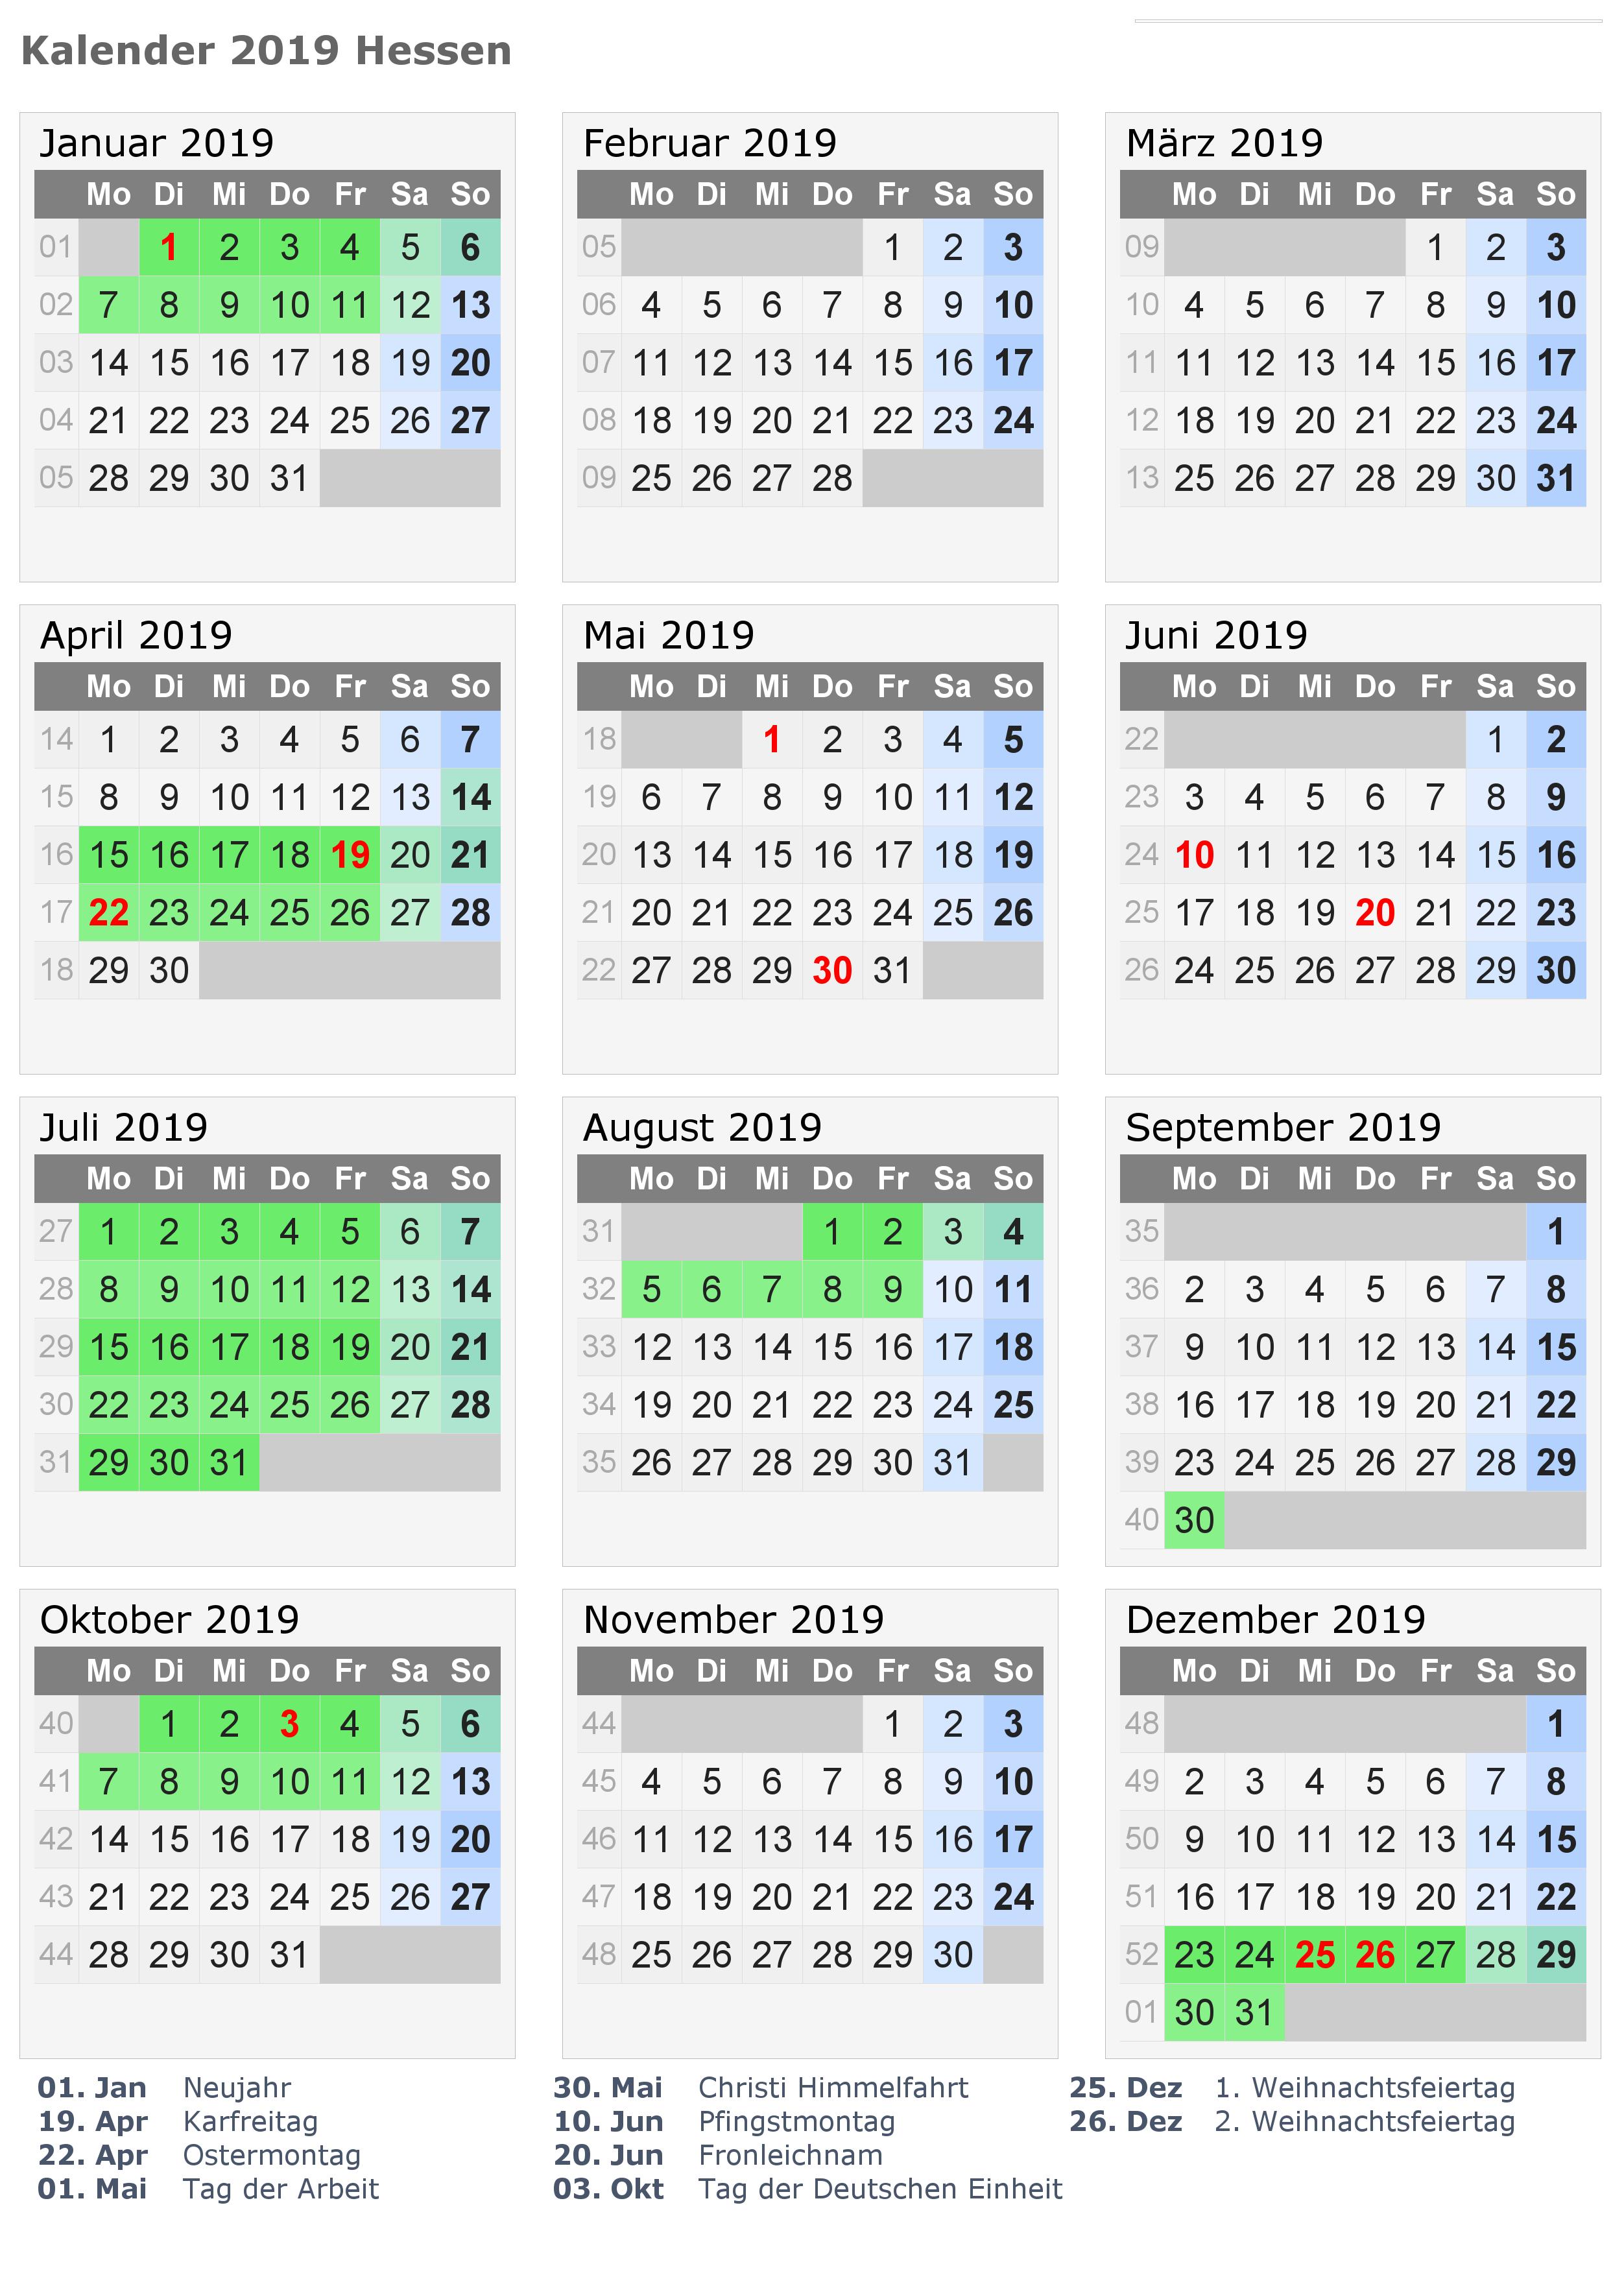 kalender-2019-hessen-hoch